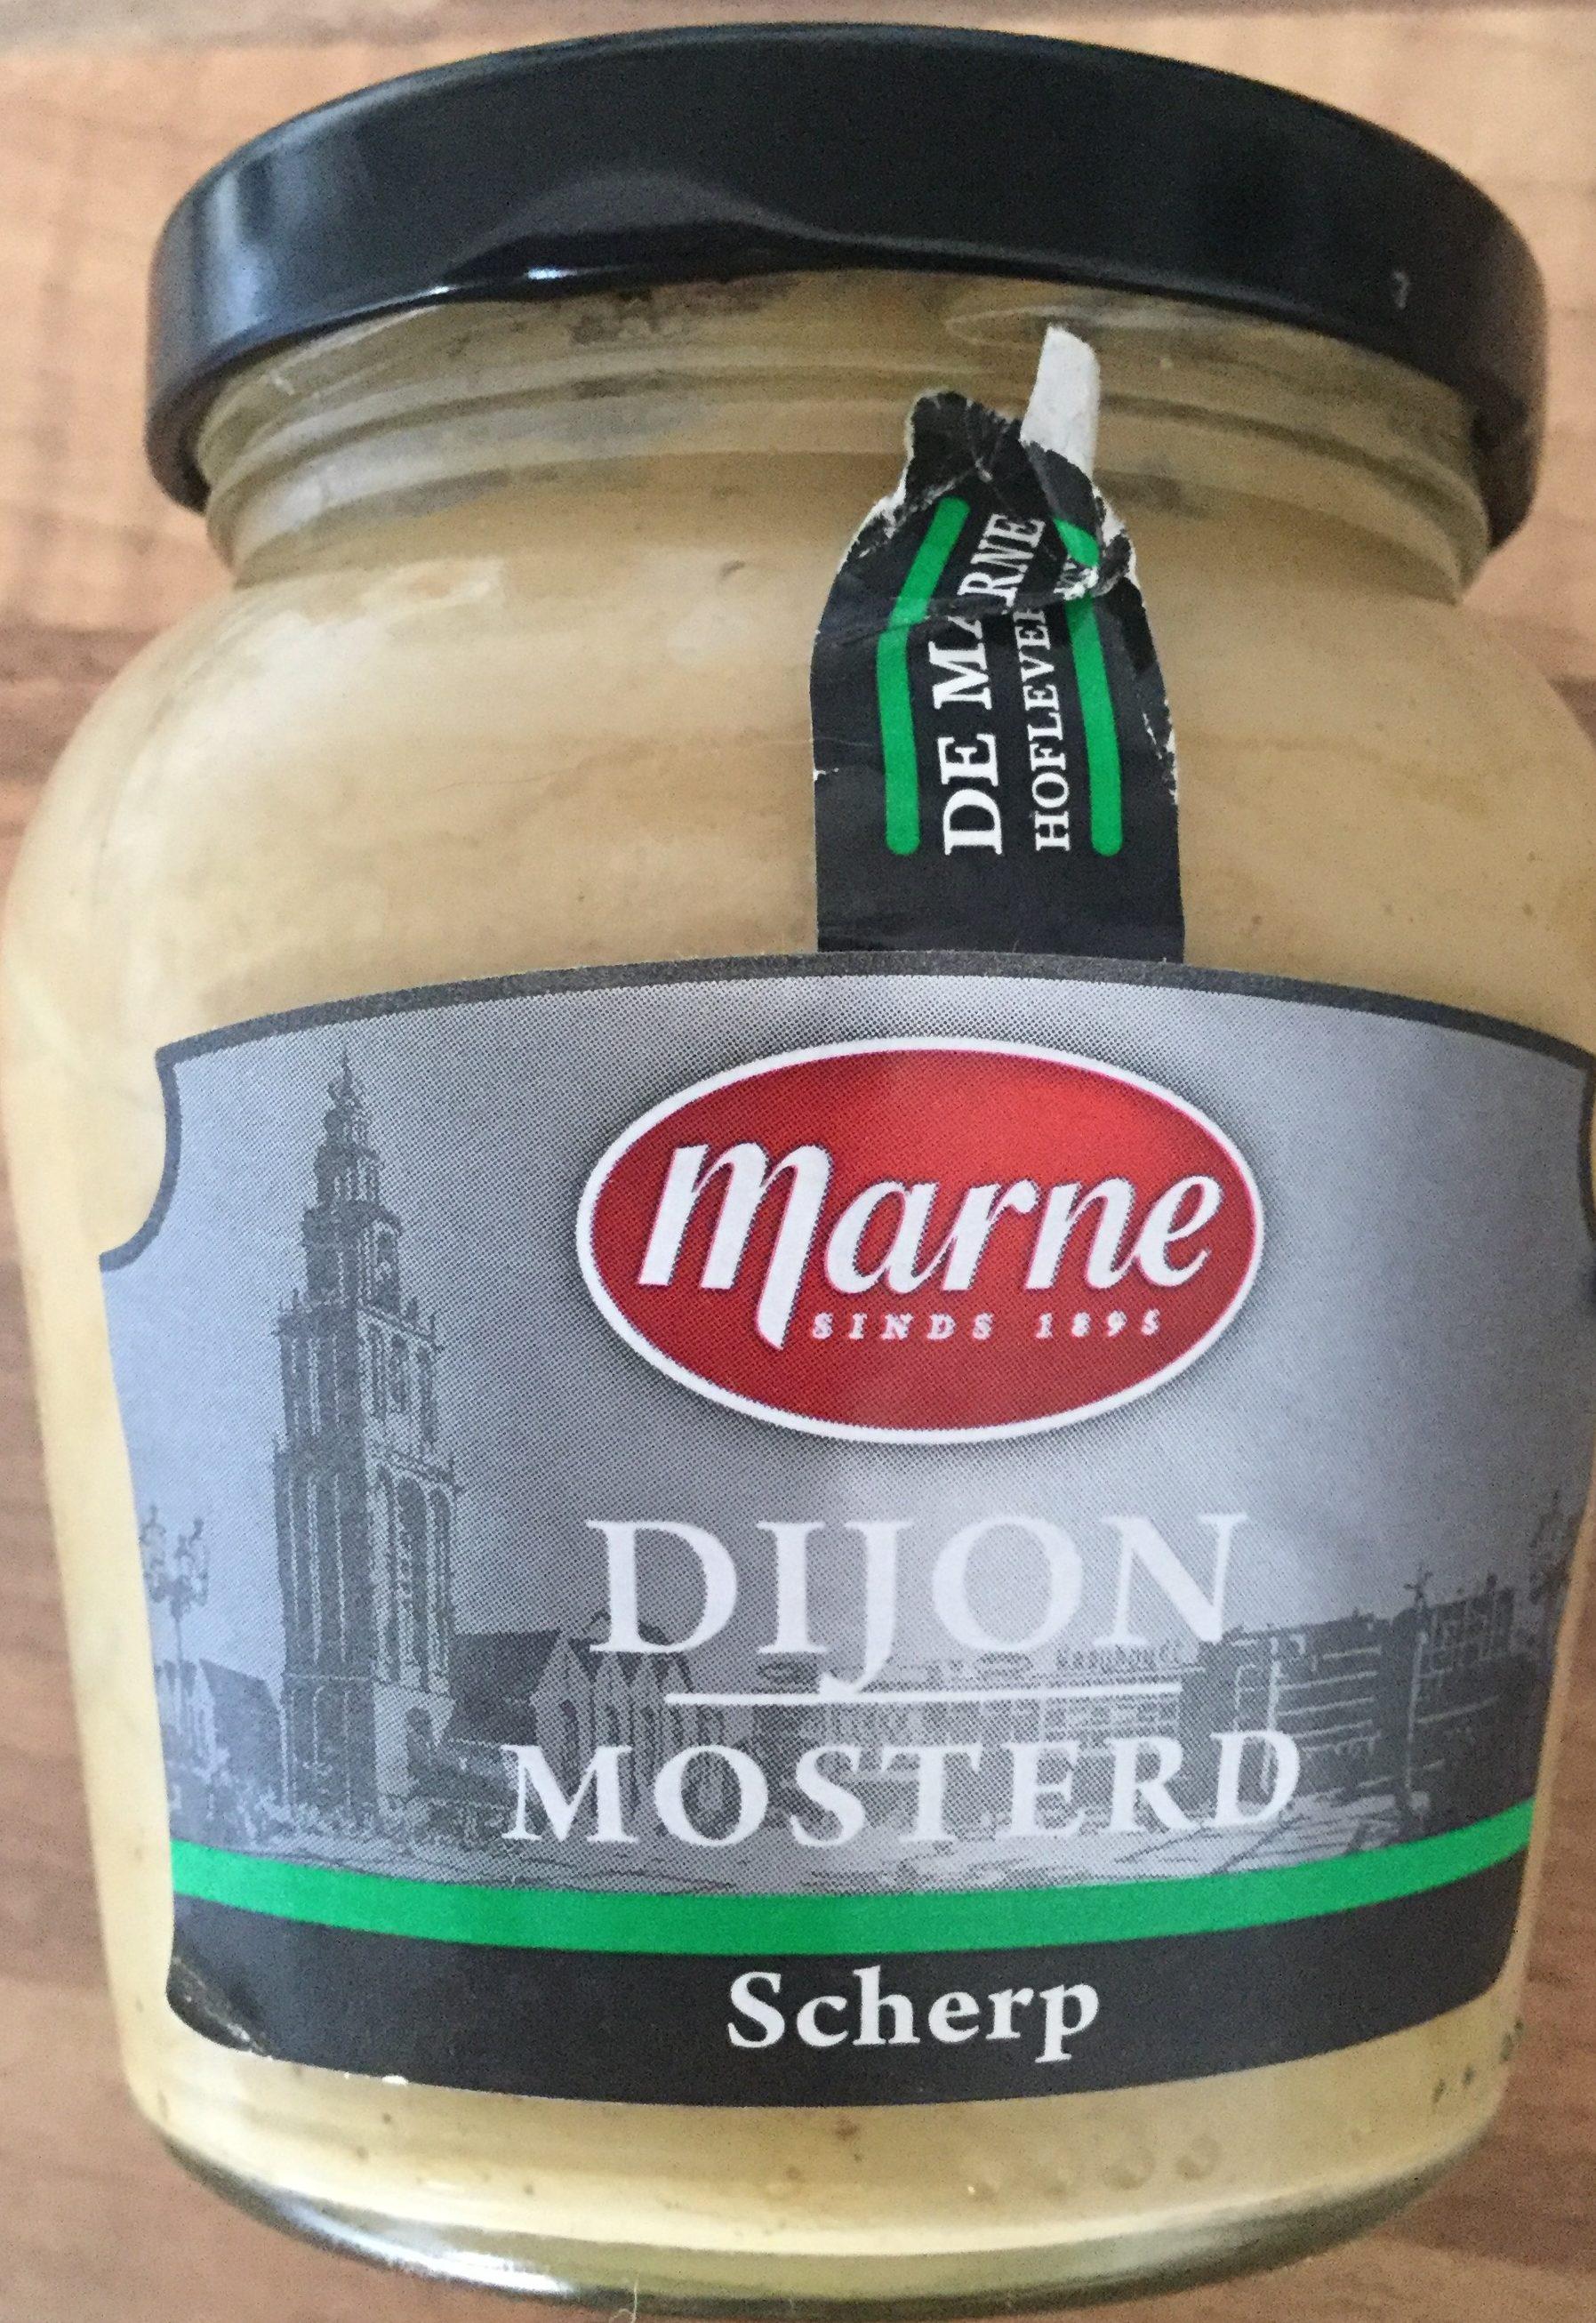 Dijon mosterd scherp - Product - nl